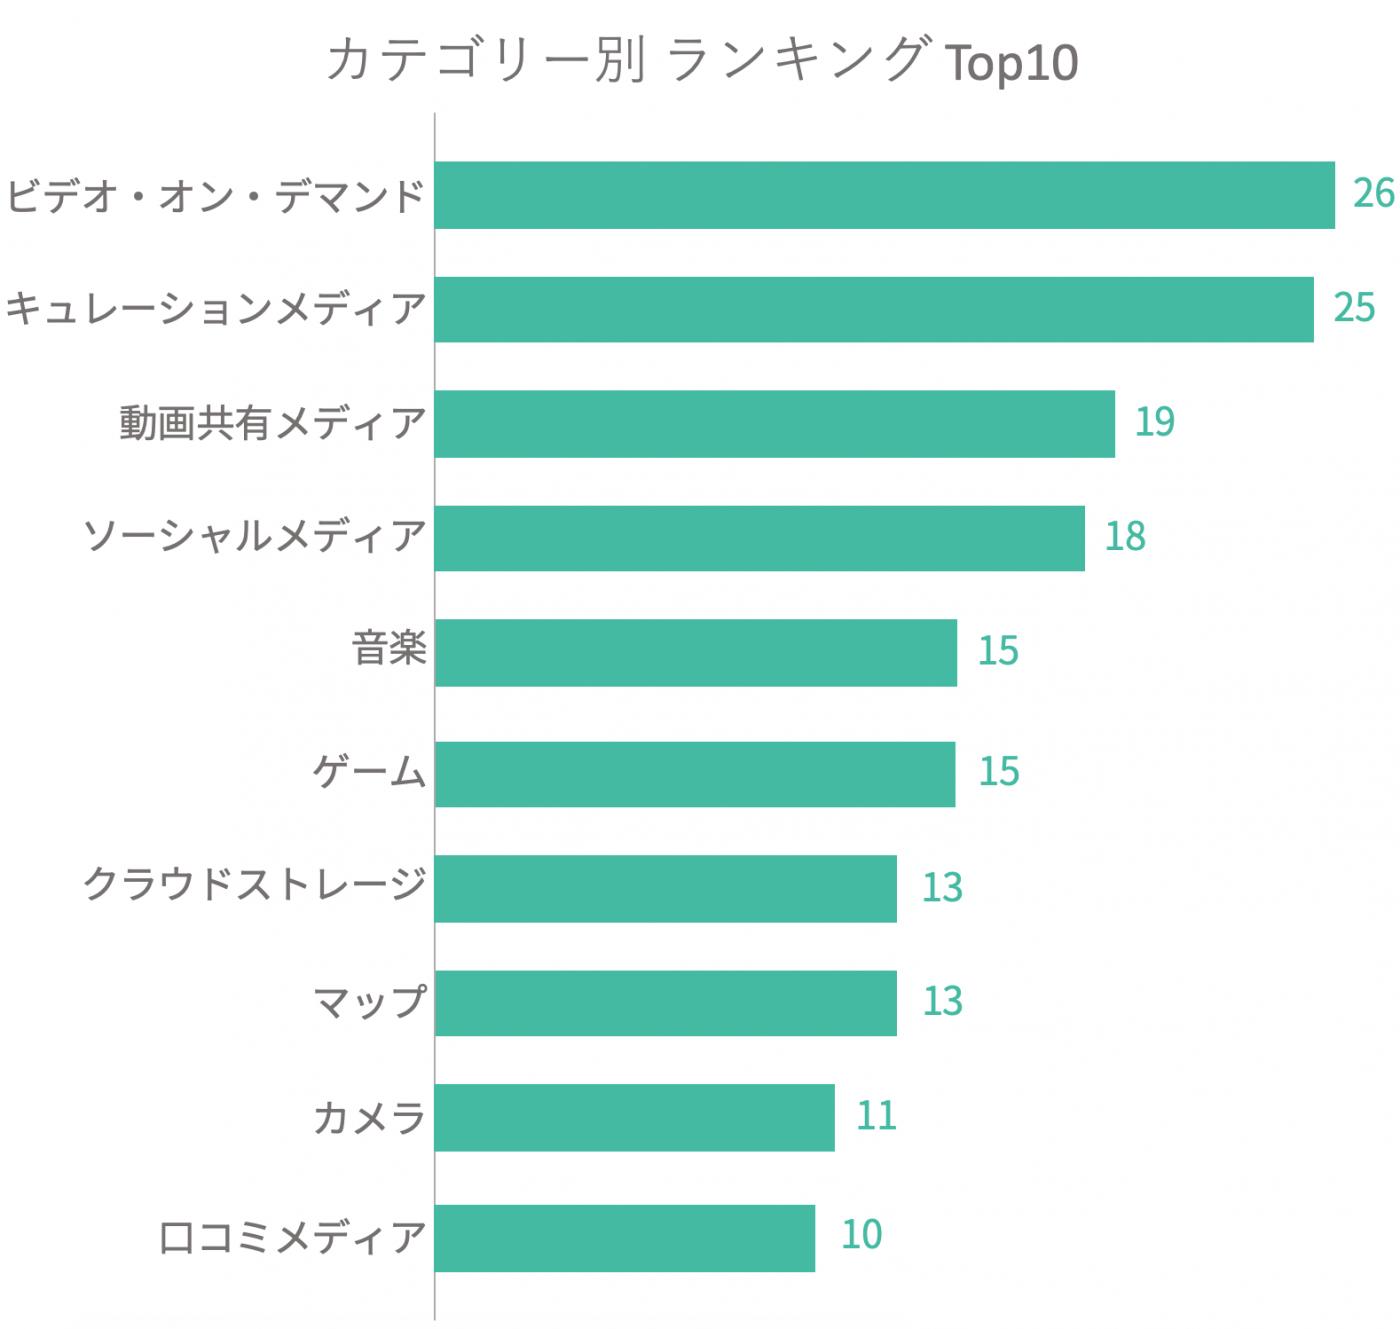 まずはアプリケーションのカテゴリー別でどの領域でのサービスが現在人気なのかまとめる。今回のアンケートでは30のカテゴリーに分けることができたが、Top10に絞ってランキングを発表しよう。